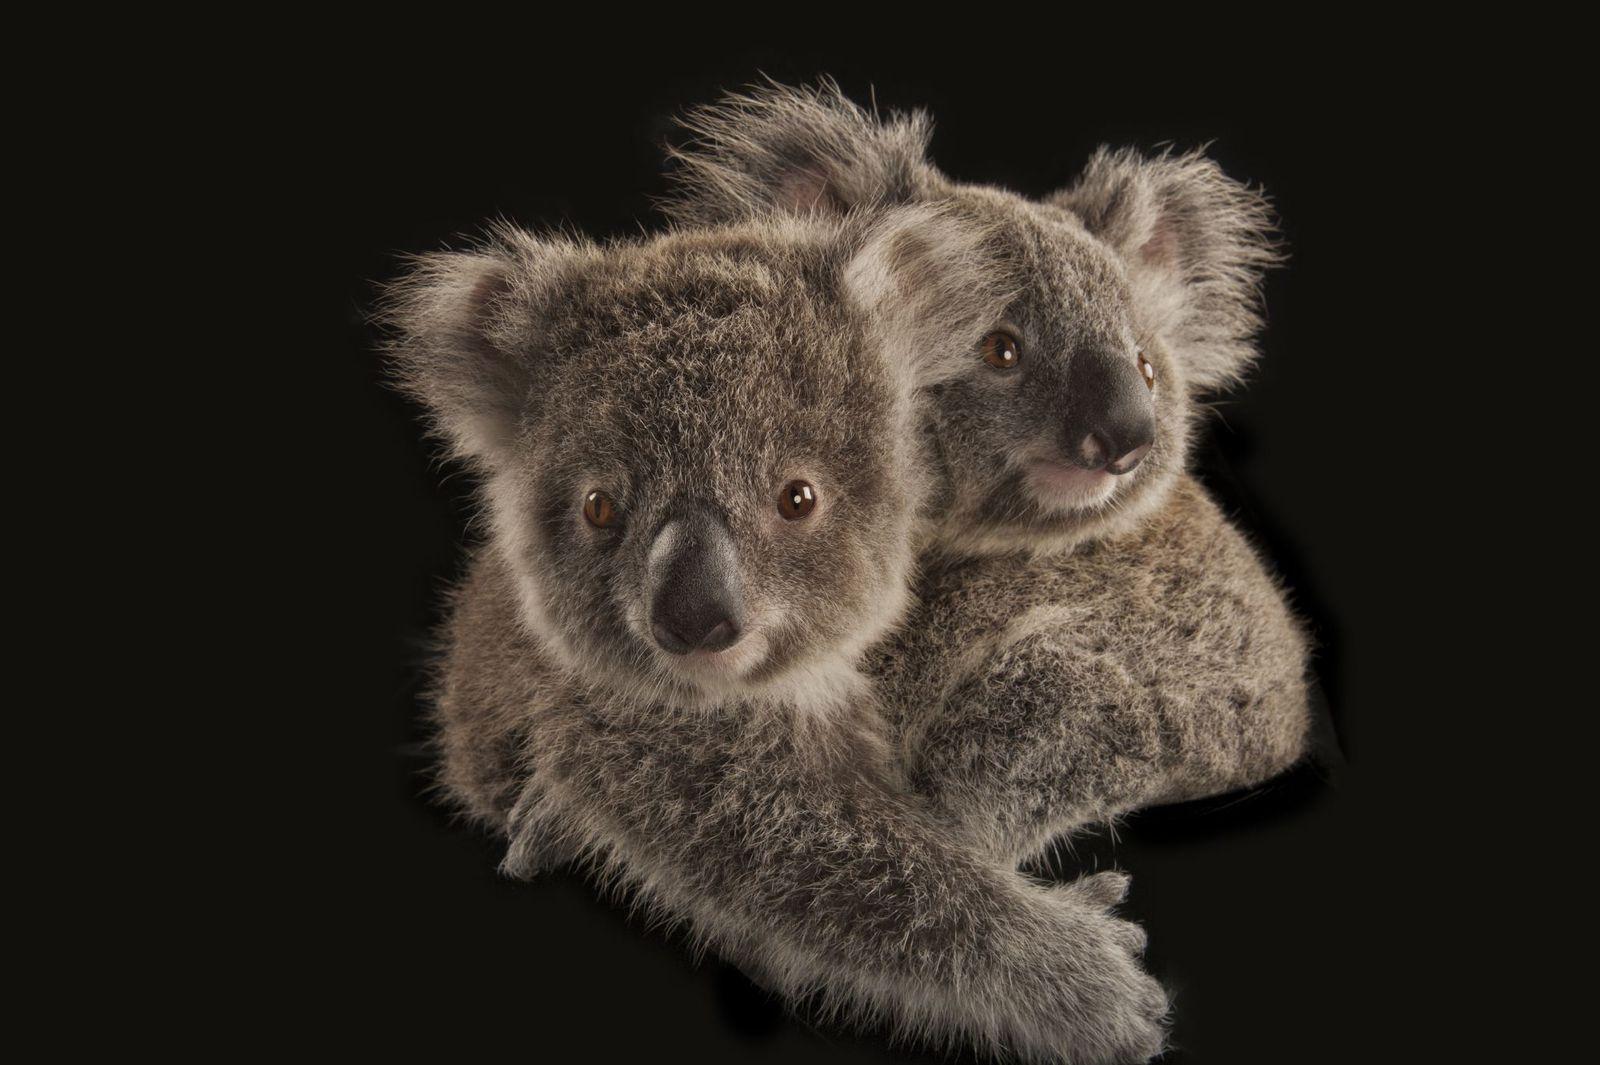 Un par de koalas fotografiados en el zoológico de Australia en Beerwah.